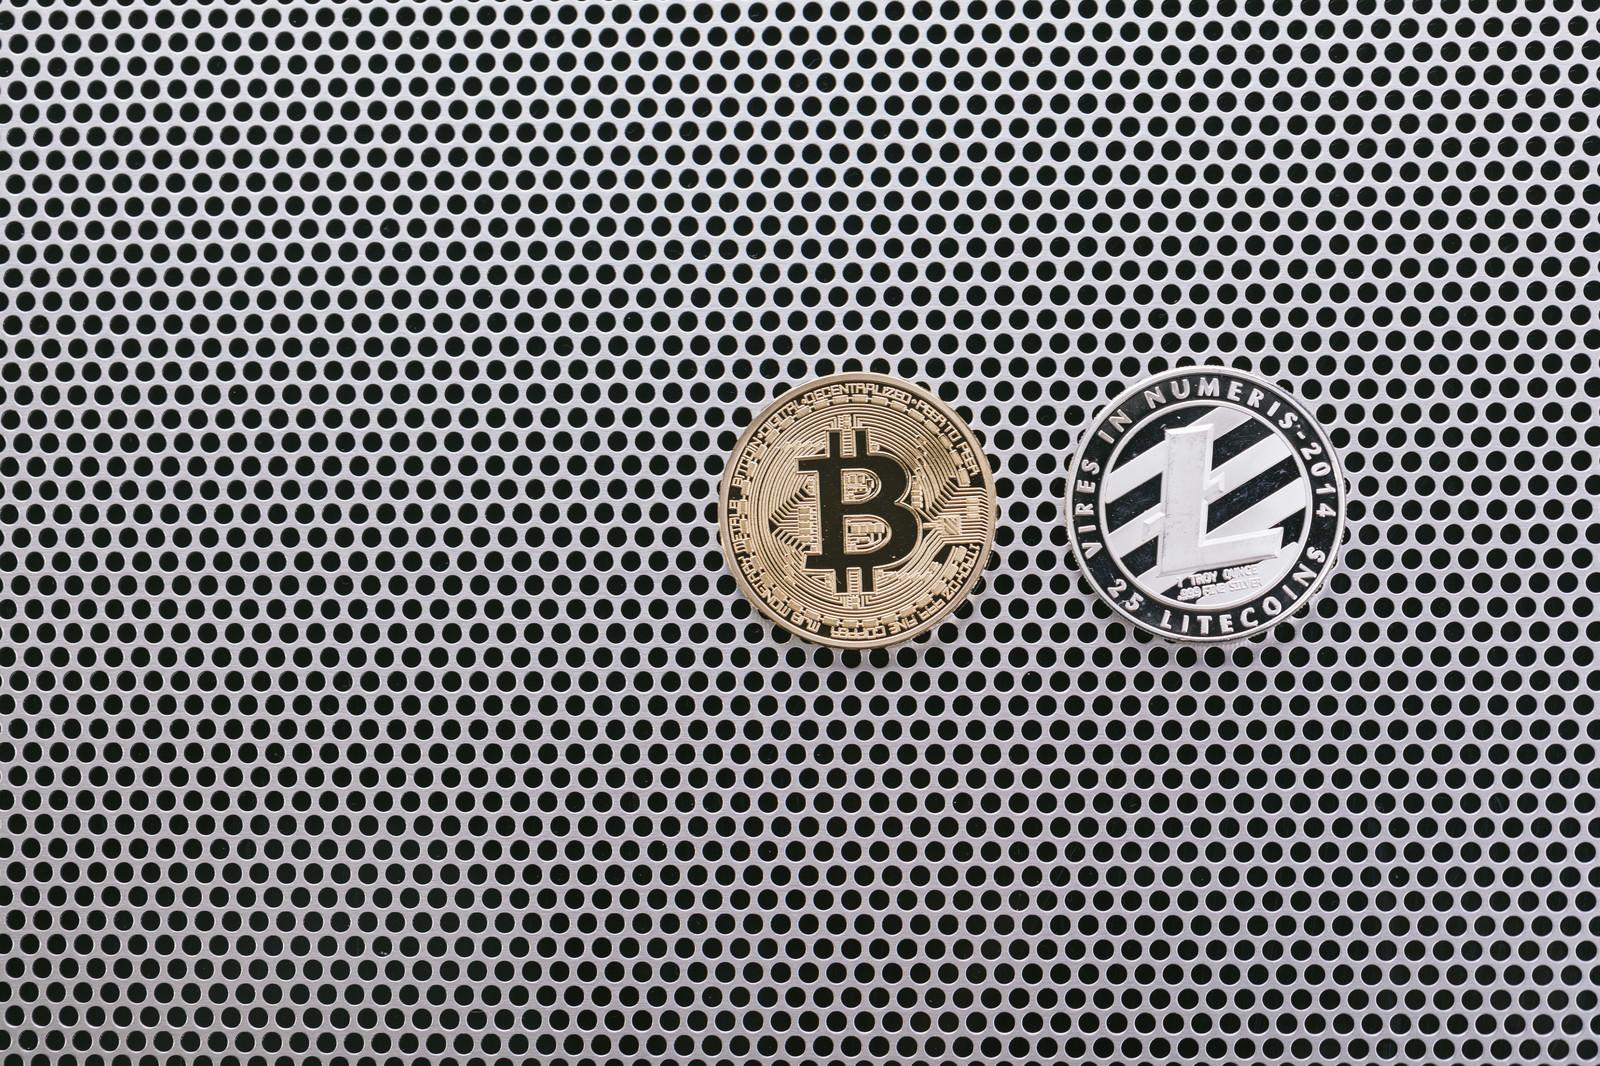 「ビットコインとライトコイン」の写真